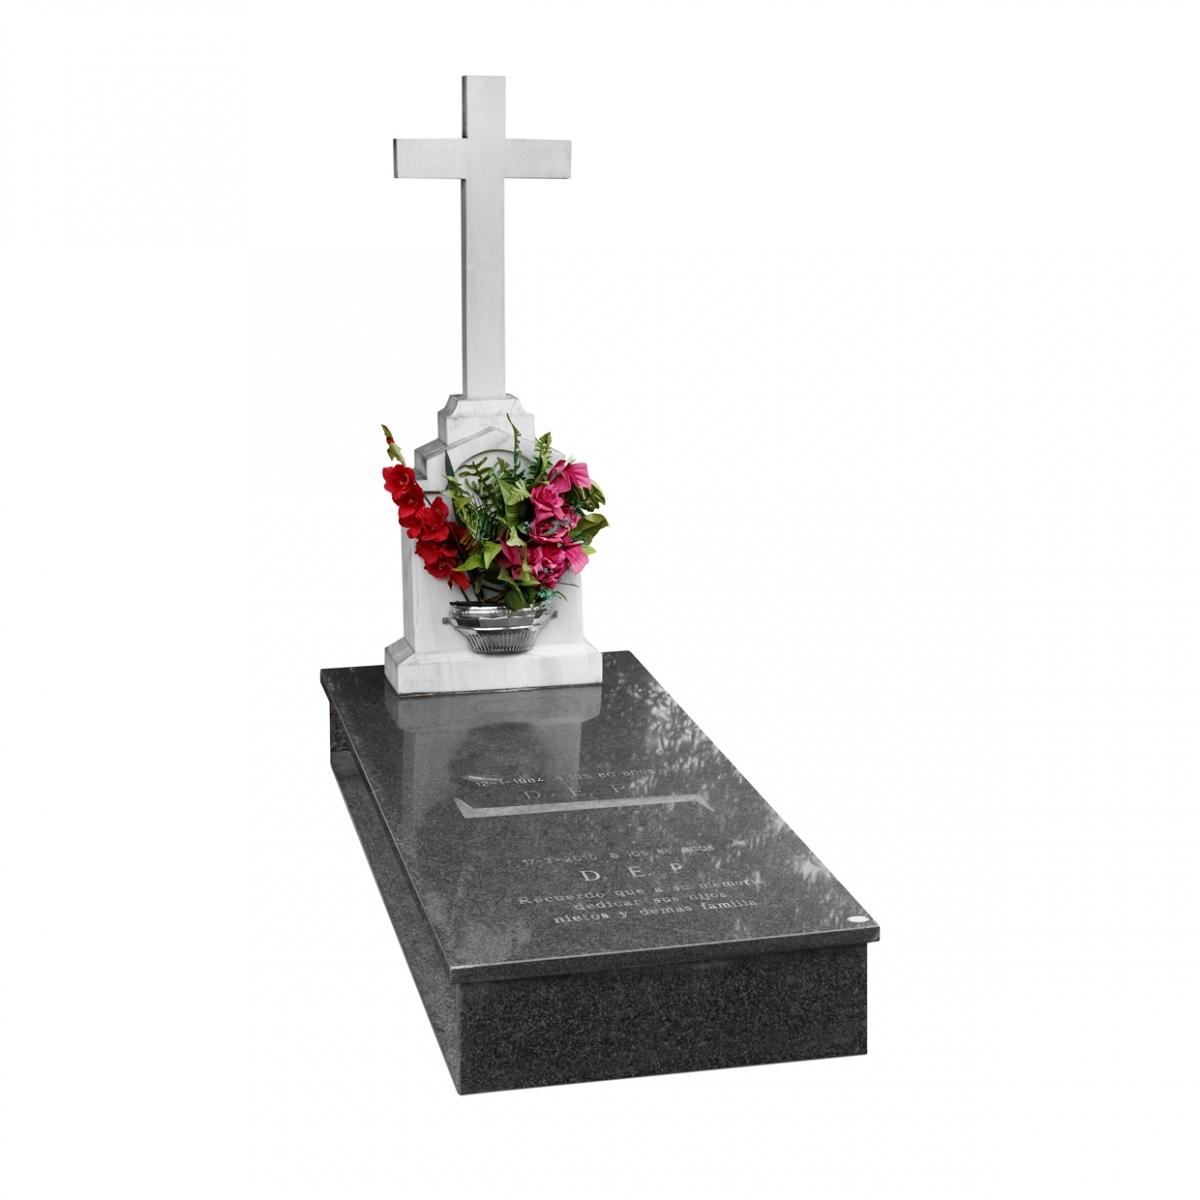 Imagen en la que se ve una tumba